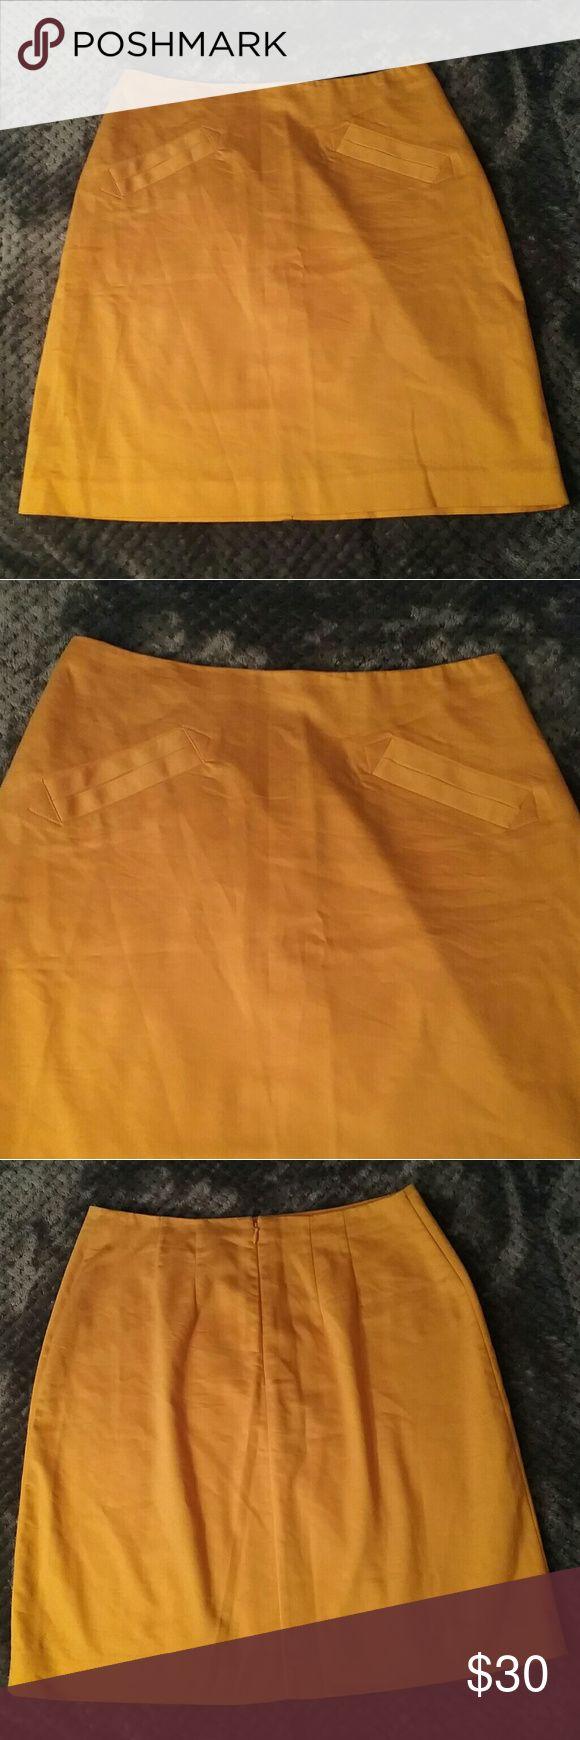 Worthington mustard yellow skirt size 6 Waist across 14in Length 20in Worthington Skirts Pencil